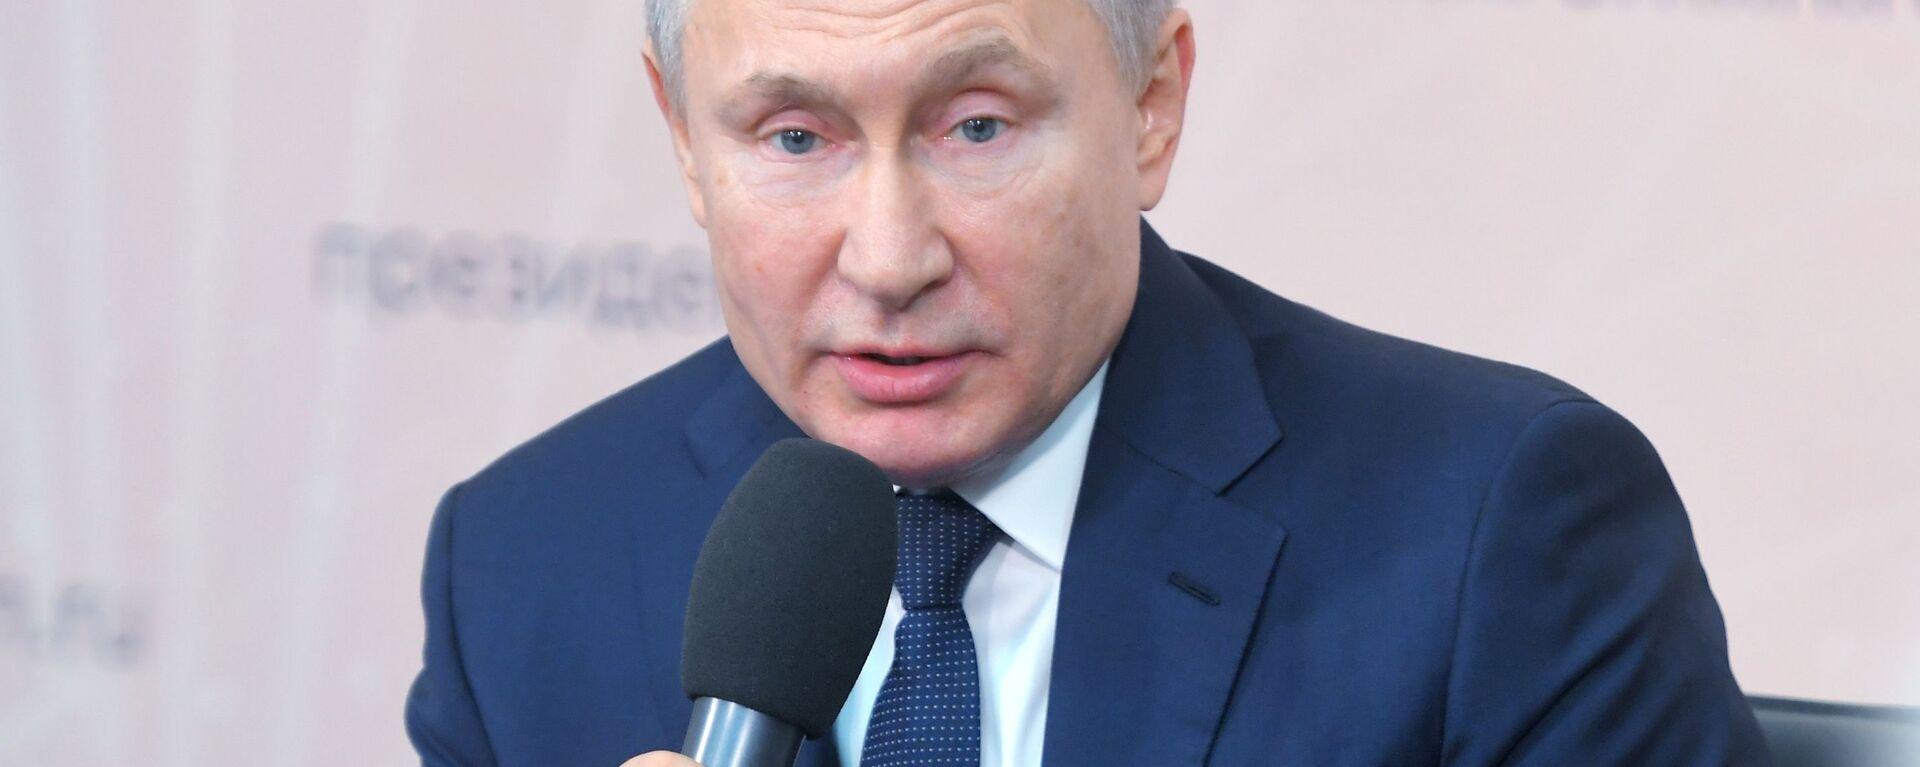 Ruský prezident Vladimir Putin - Sputnik Česká republika, 1920, 21.06.2020